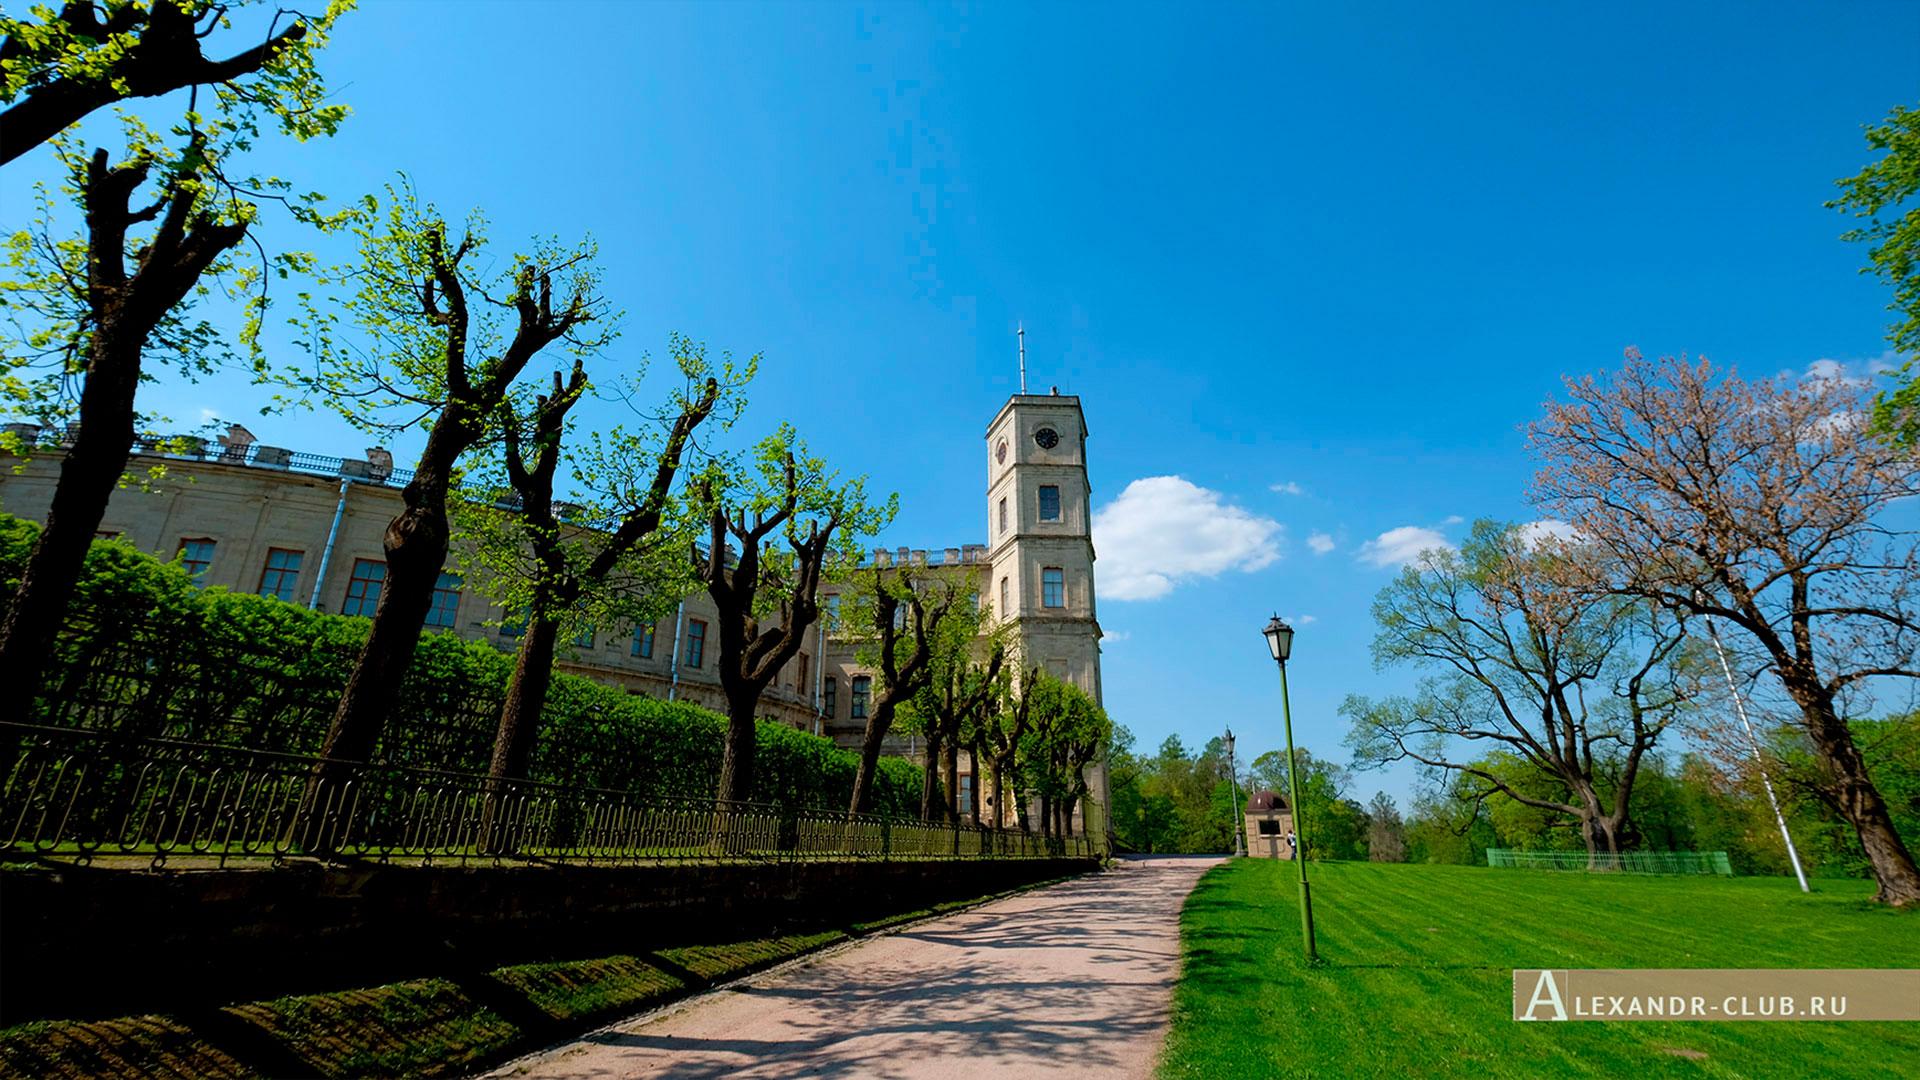 Гатчинский парк, весна, Гатчинский дворец и Собственный садик